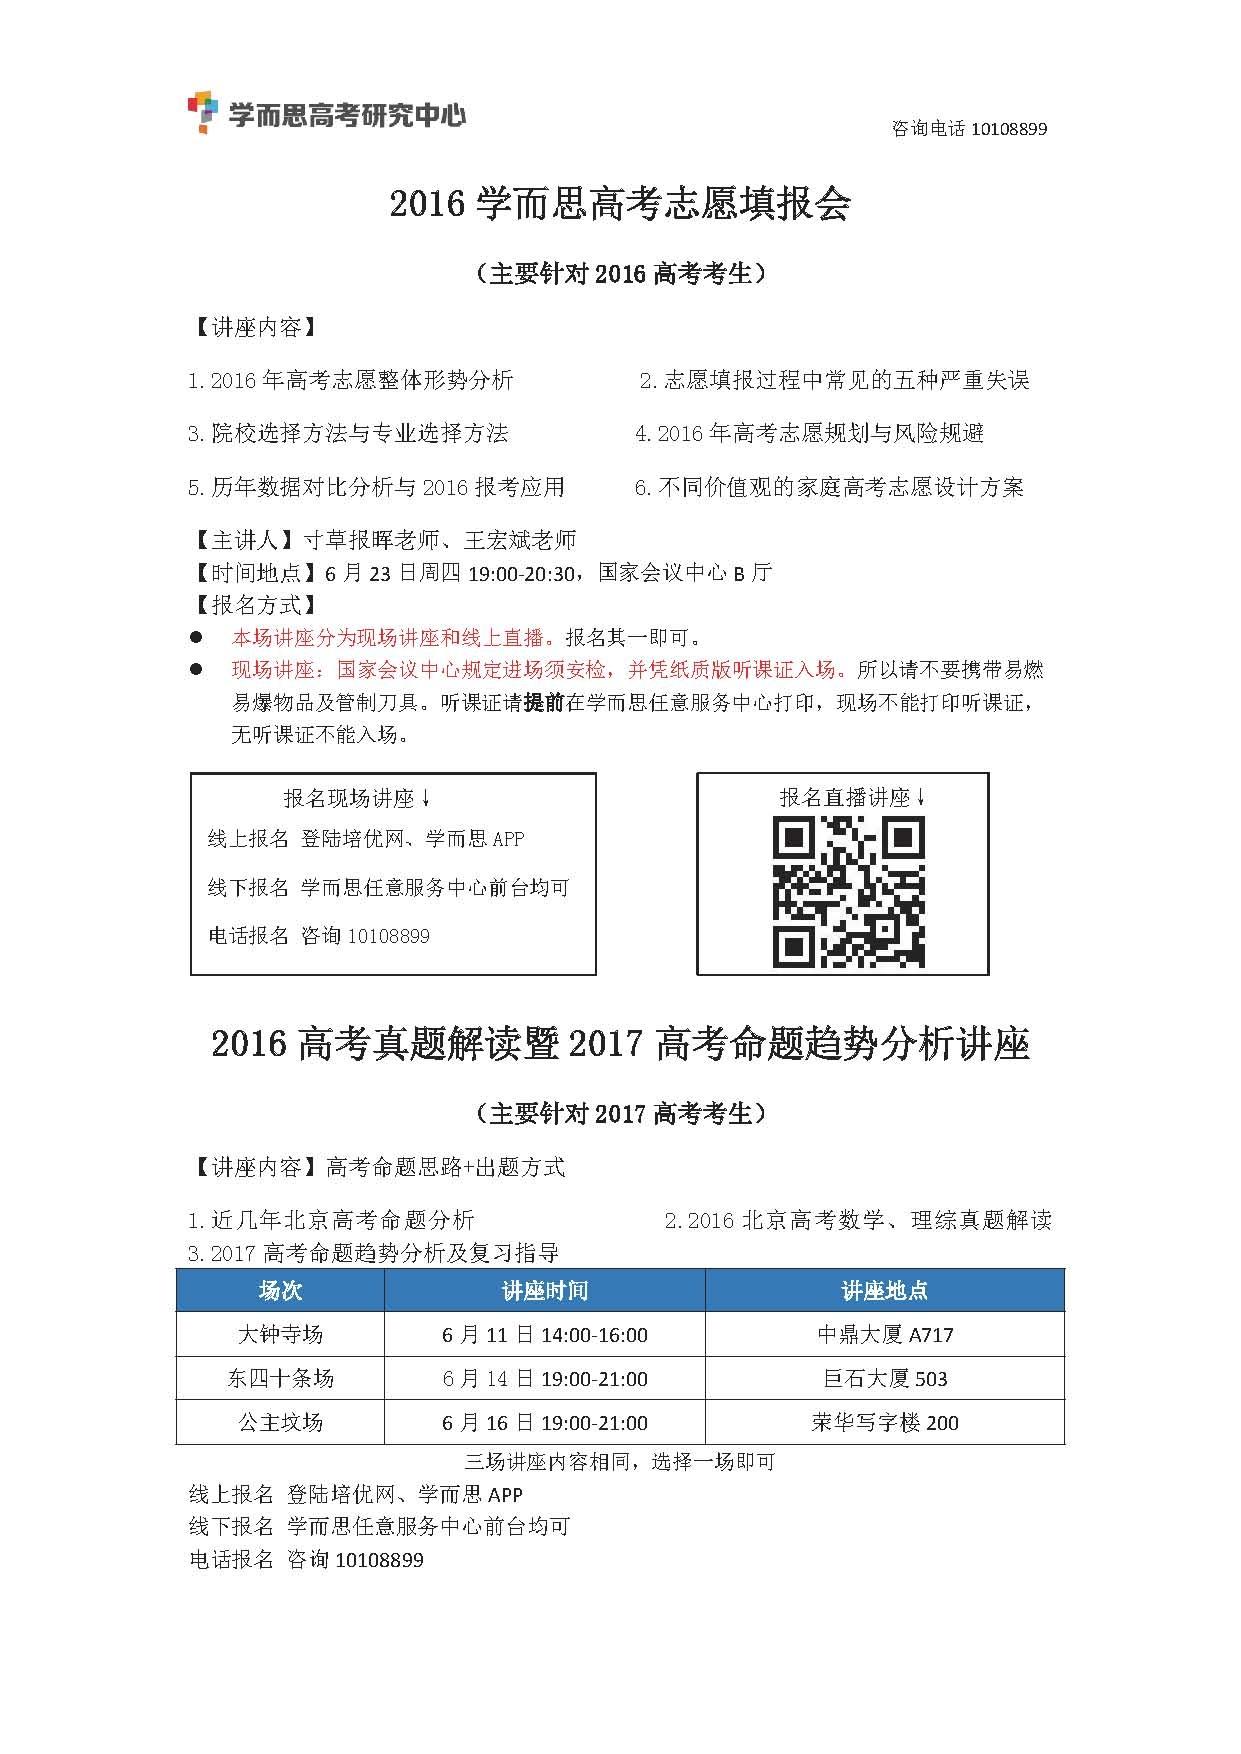 2016年北京高考大作文评析_页面_3.jpg